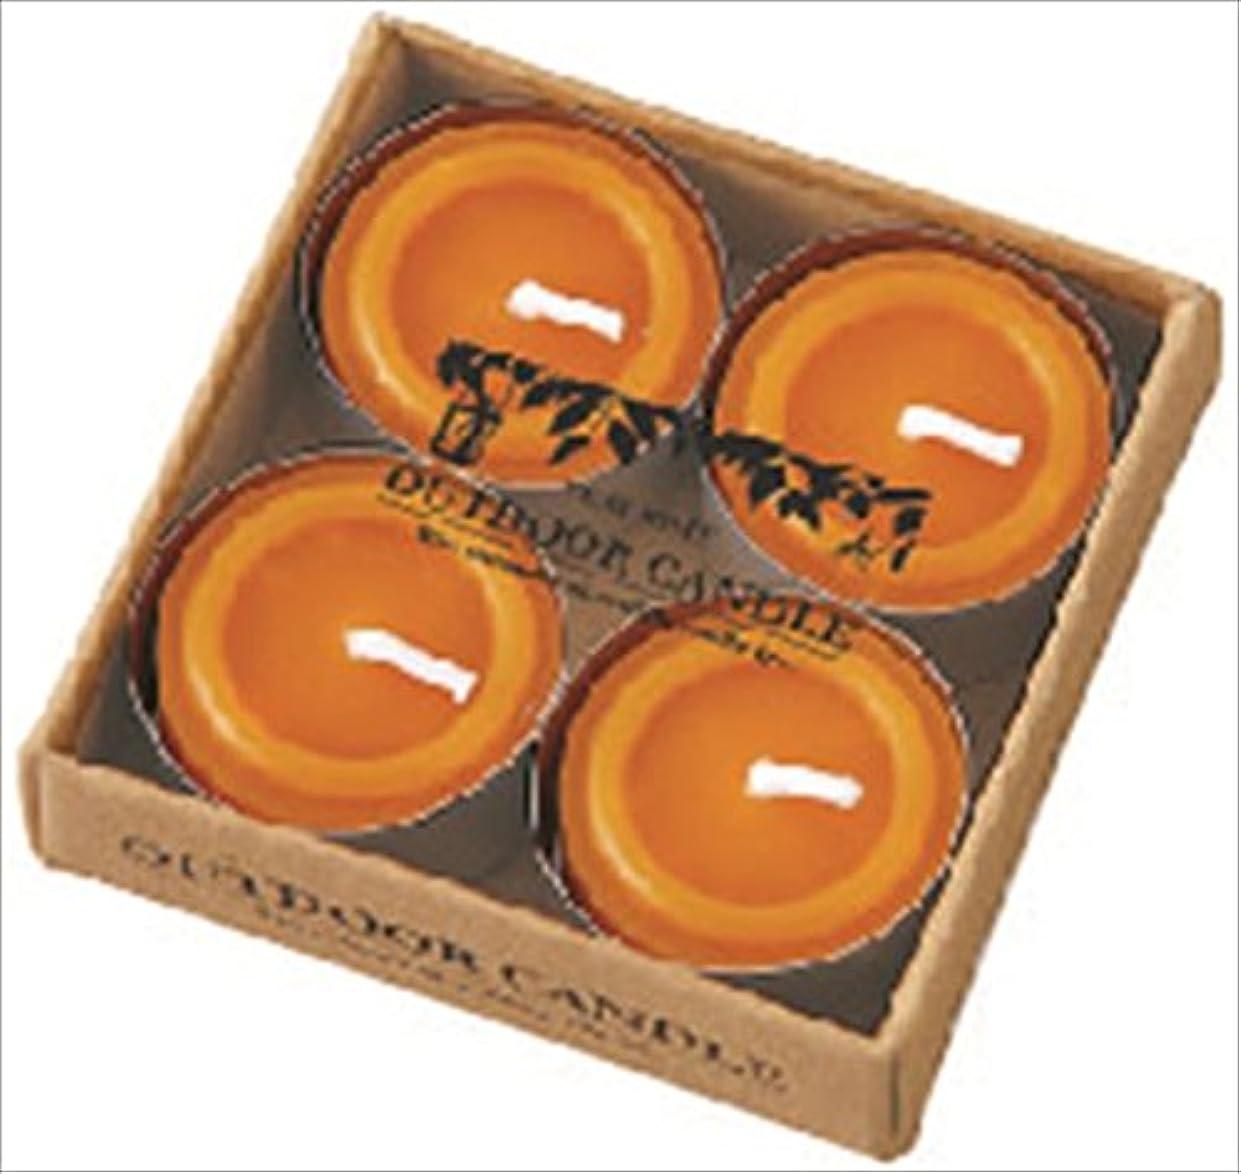 矢印アセ餌カメヤマキャンドル( kameyama candle ) シトロネラティーライト4個入り A8590500